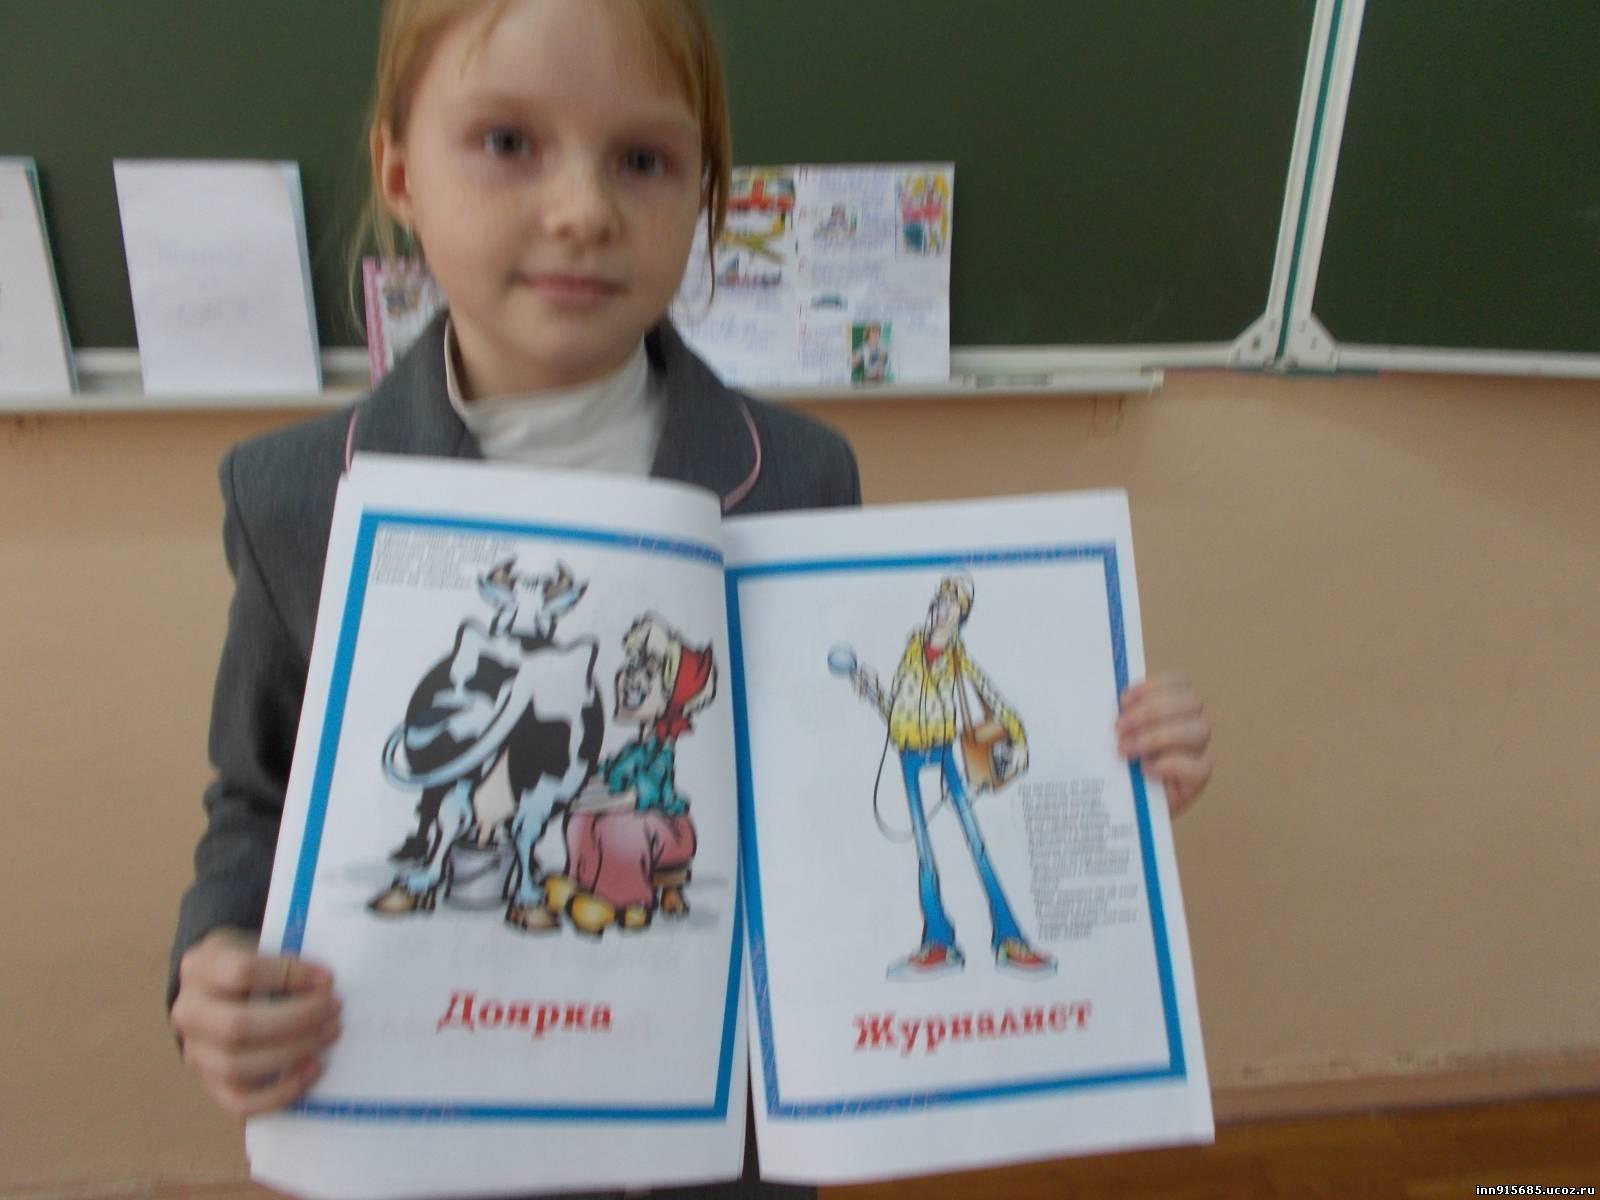 Ольга Узорова: Школьный проект - жанр новый, его мало кто 12